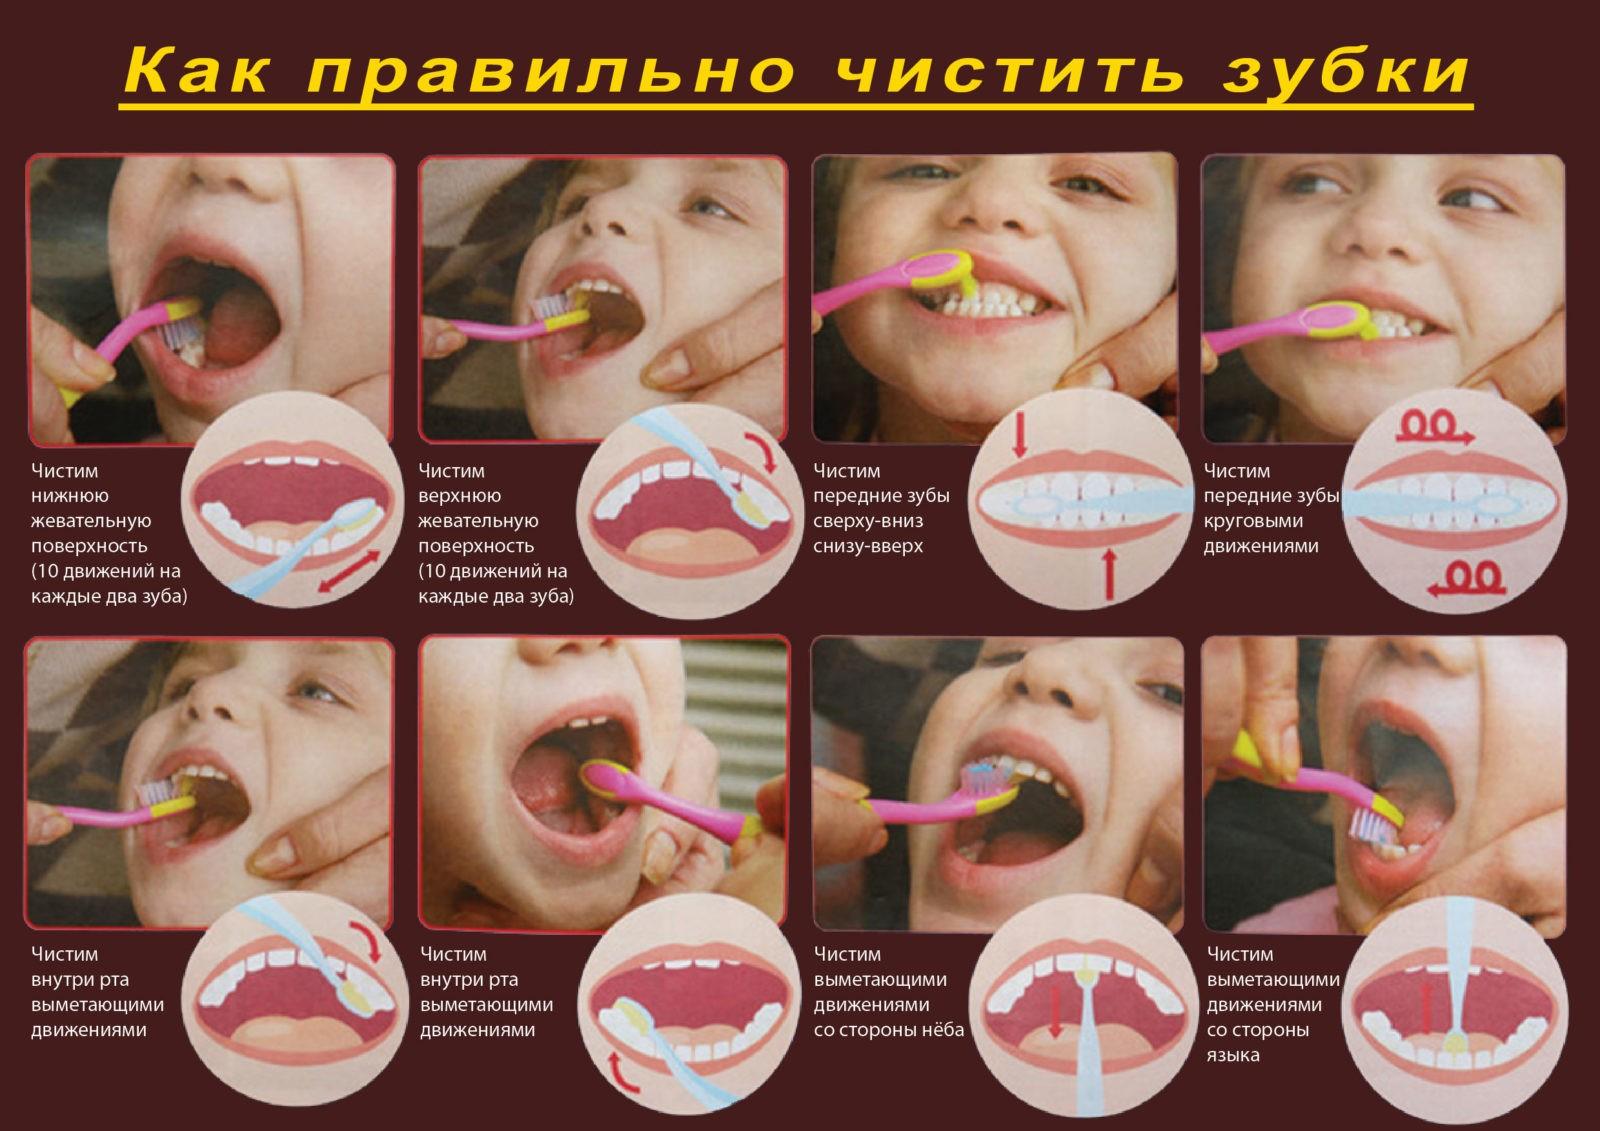 Когда начинать чистить зубы ребенку, зависит от навыков малыша